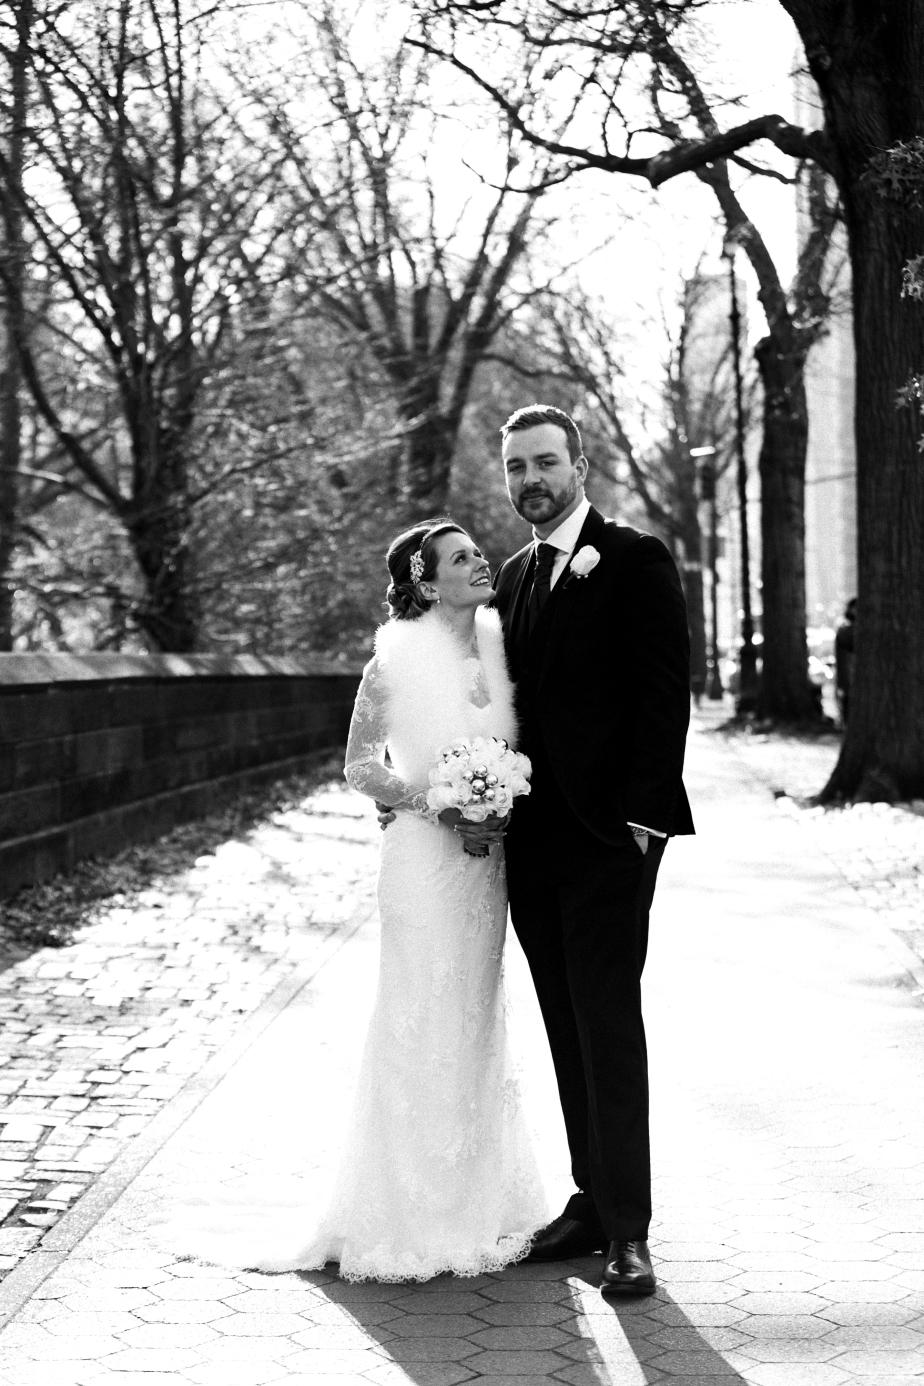 centralpark_ladiespavilion_wedding_HR-272